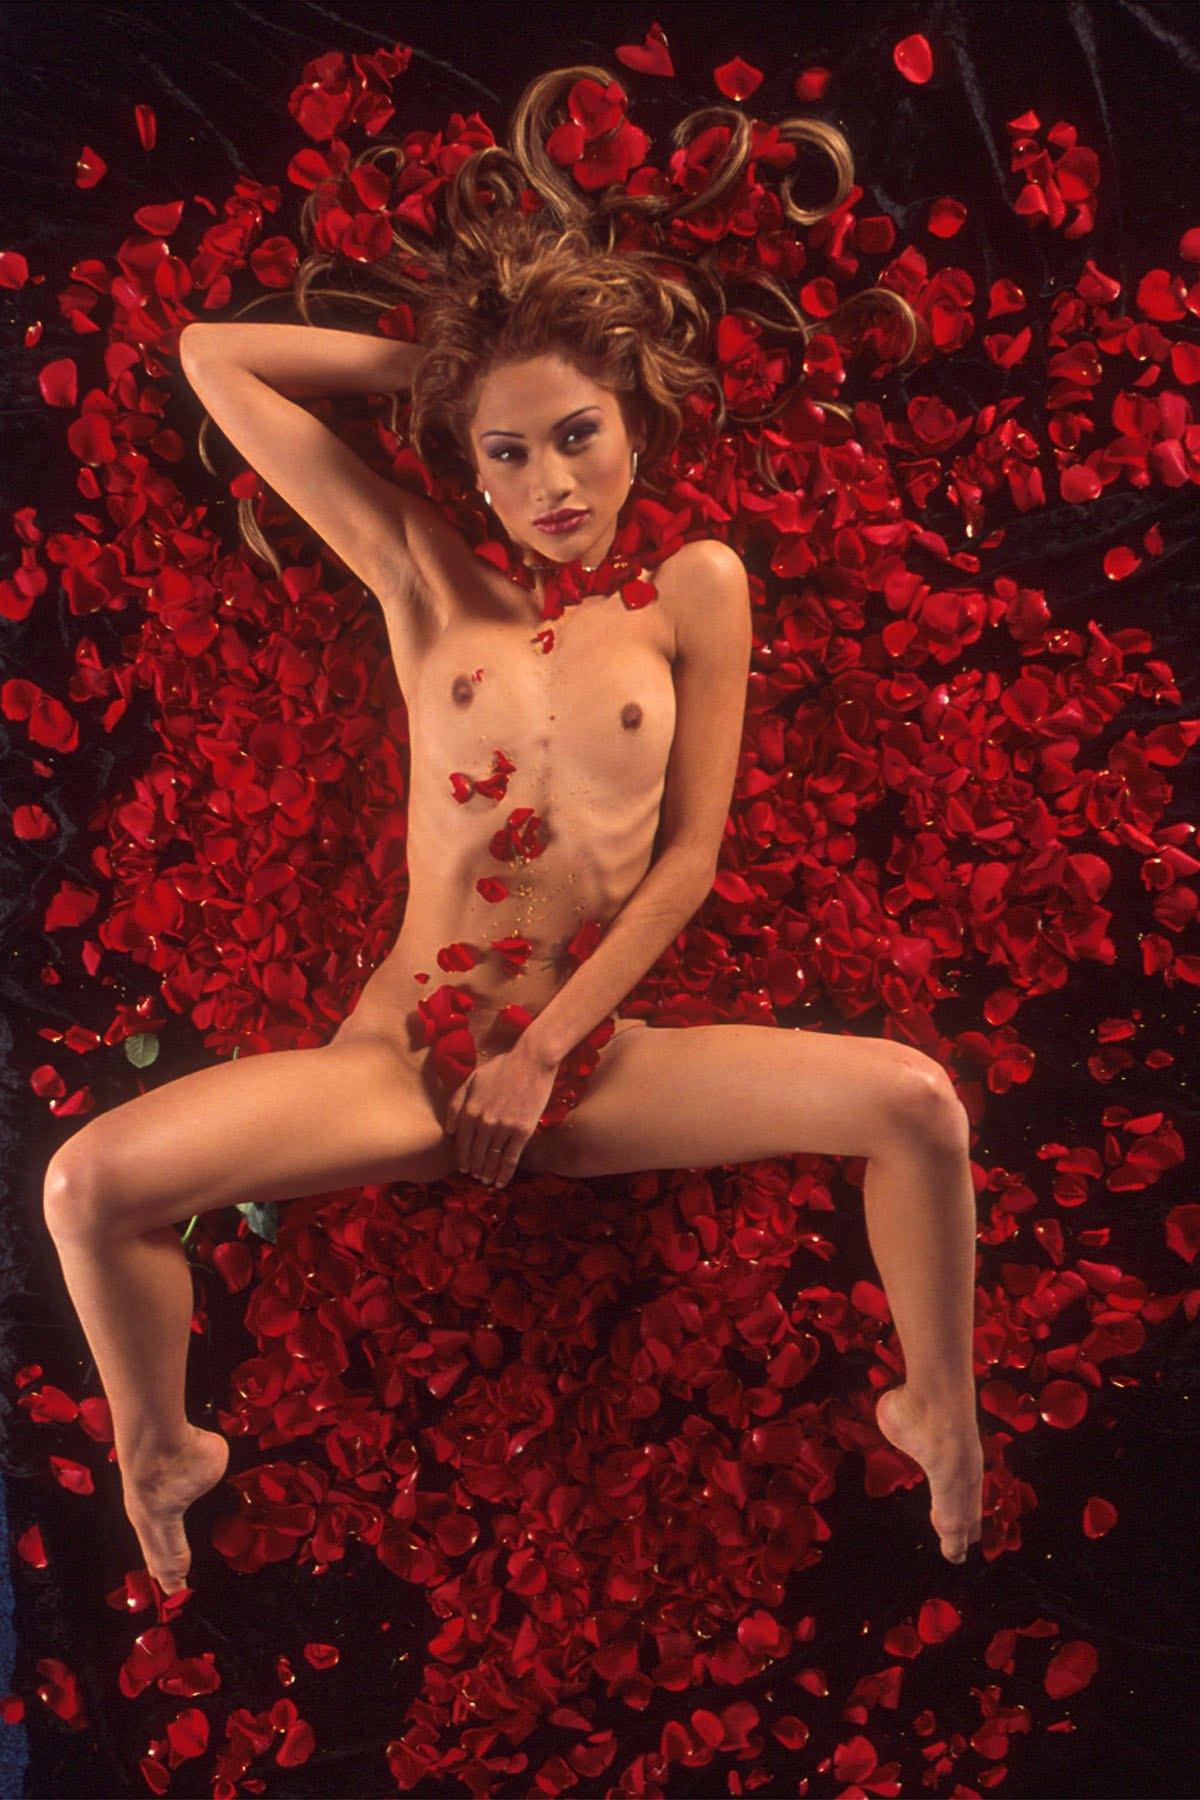 Элли мак тьяна порно актриса 14 фотография